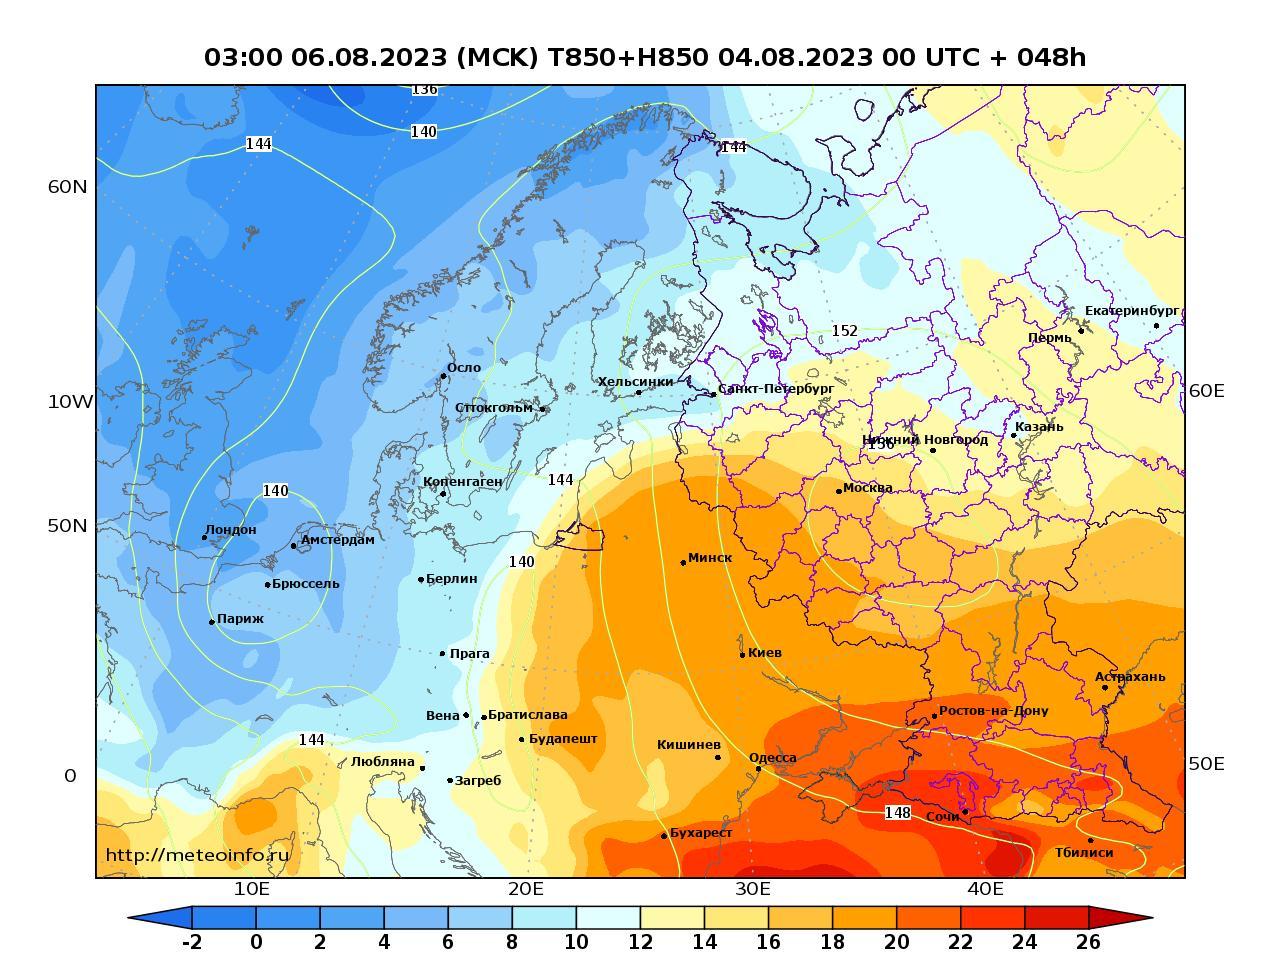 Европейская территория России, прогностическая карта температура T850 и геопотенциал H850, заблаговременность прогноза 48 часов